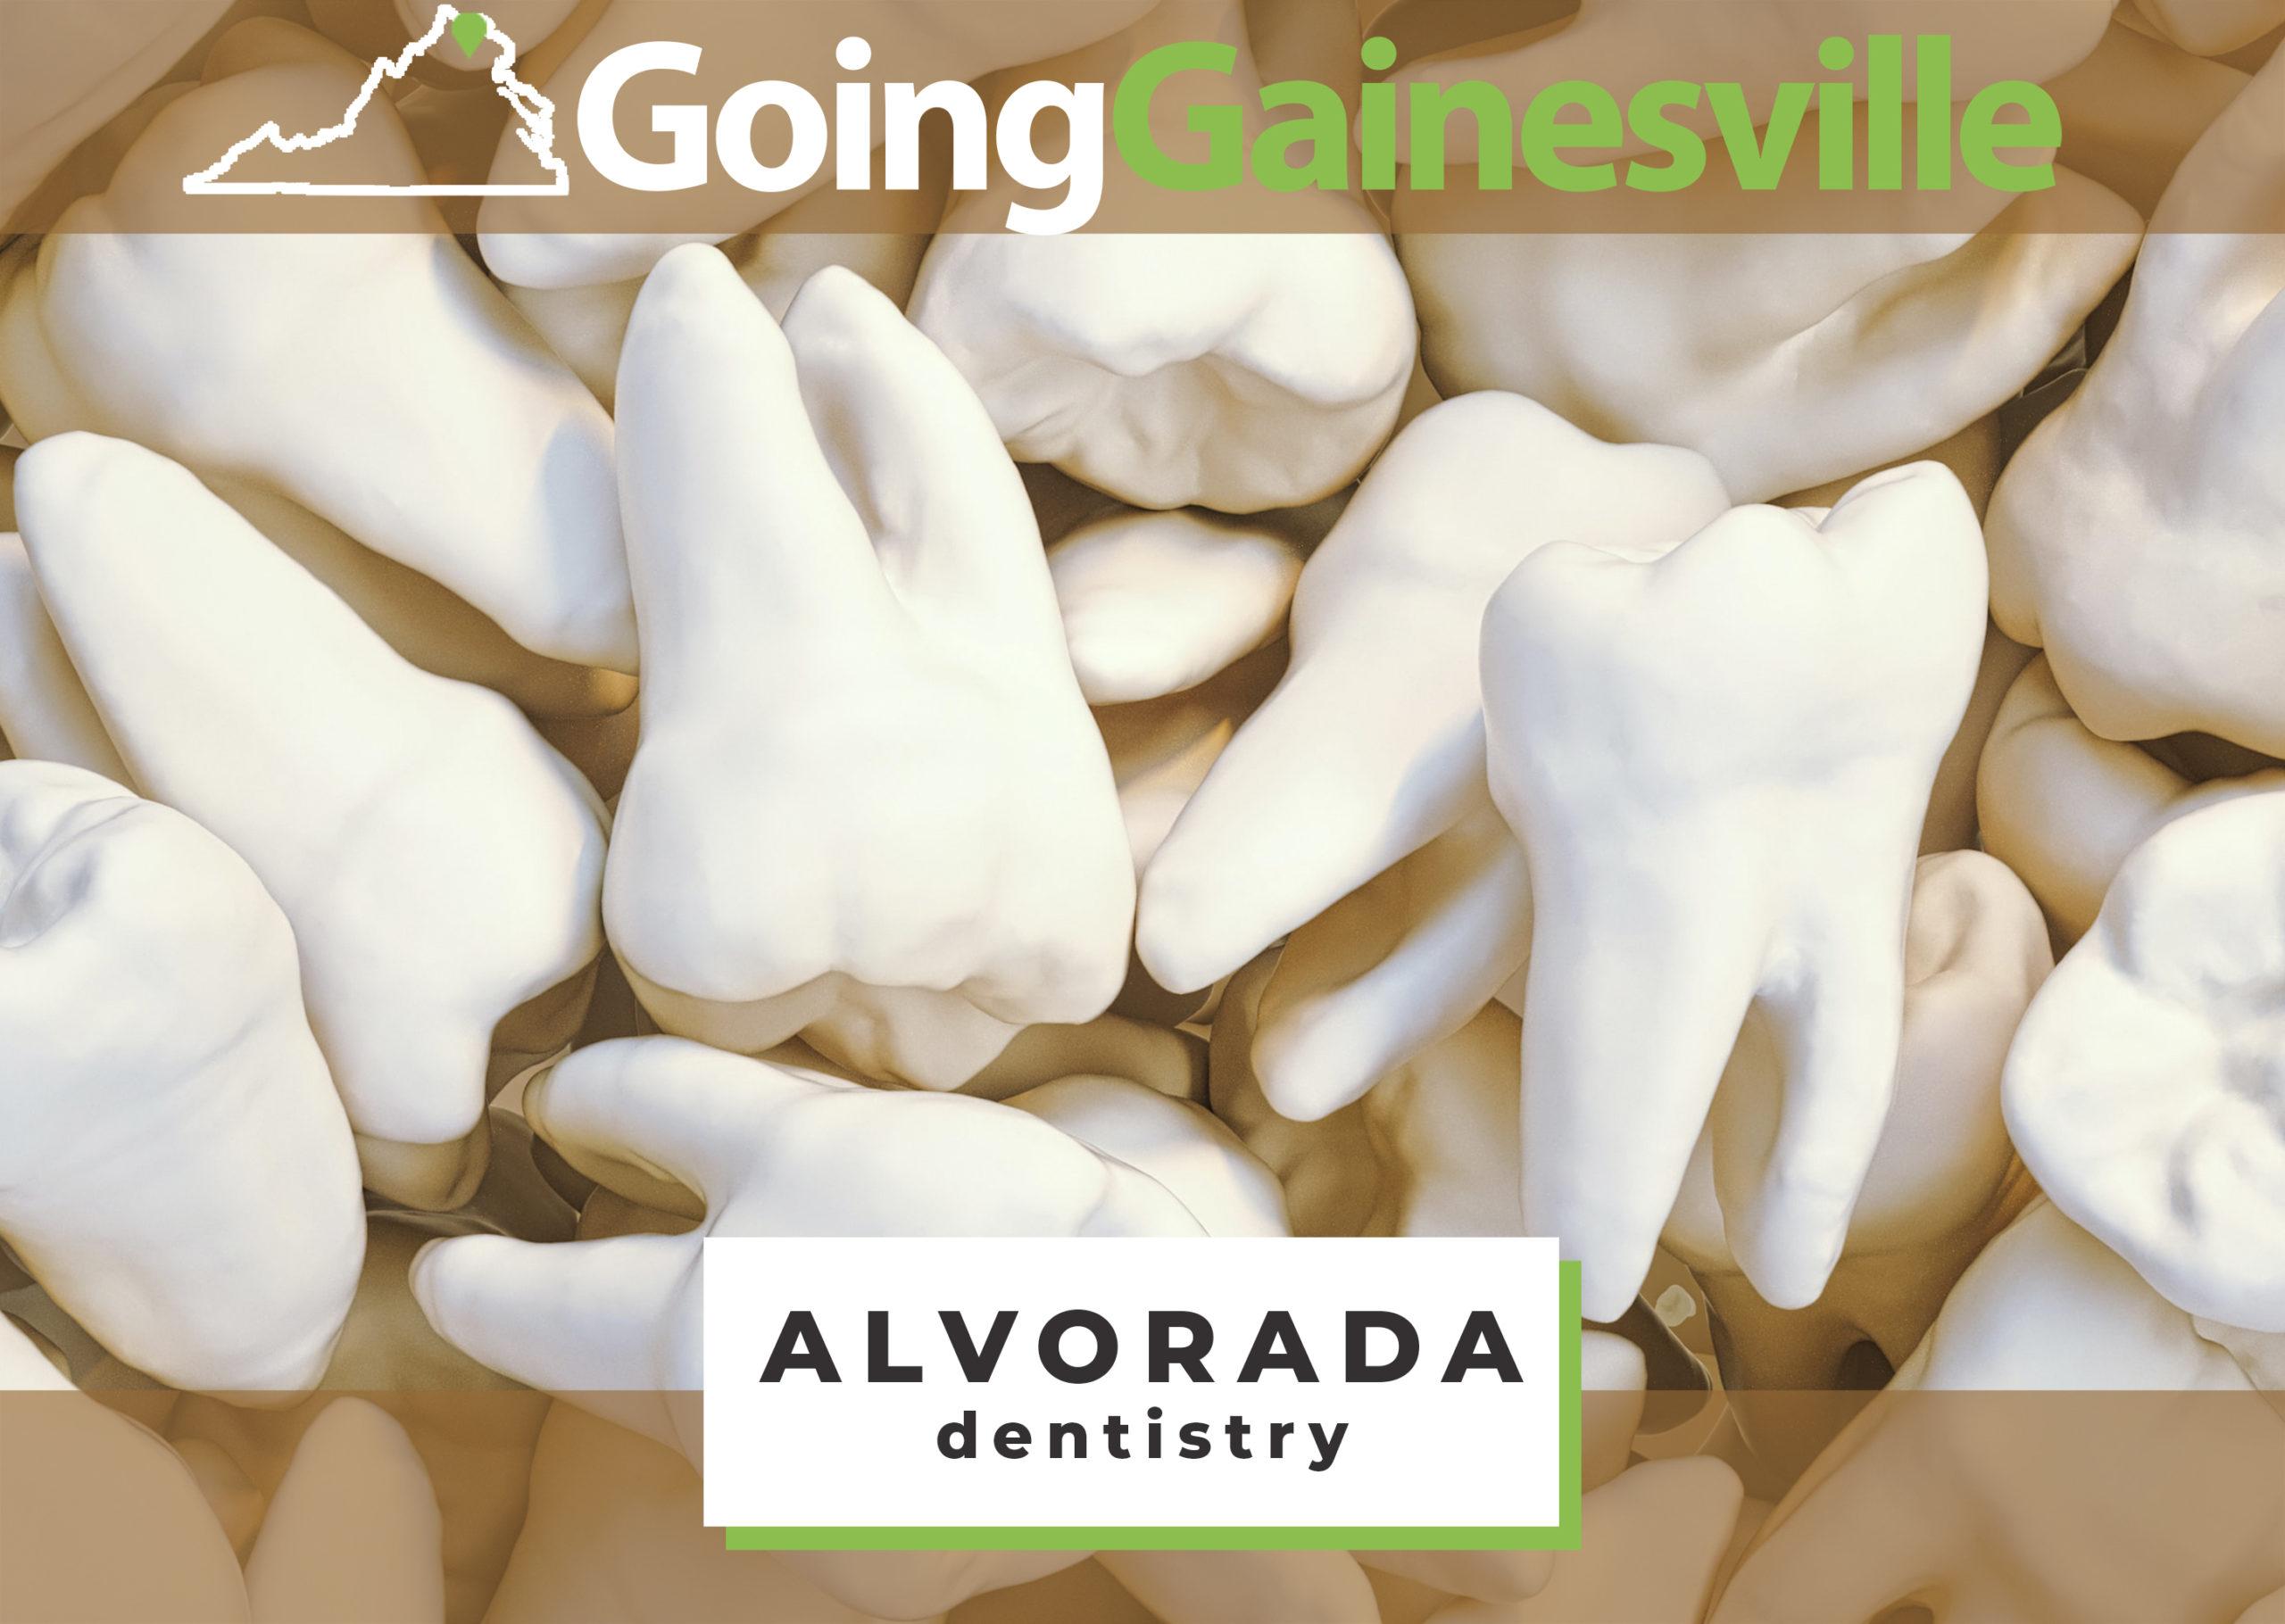 Alvorada Dentistry